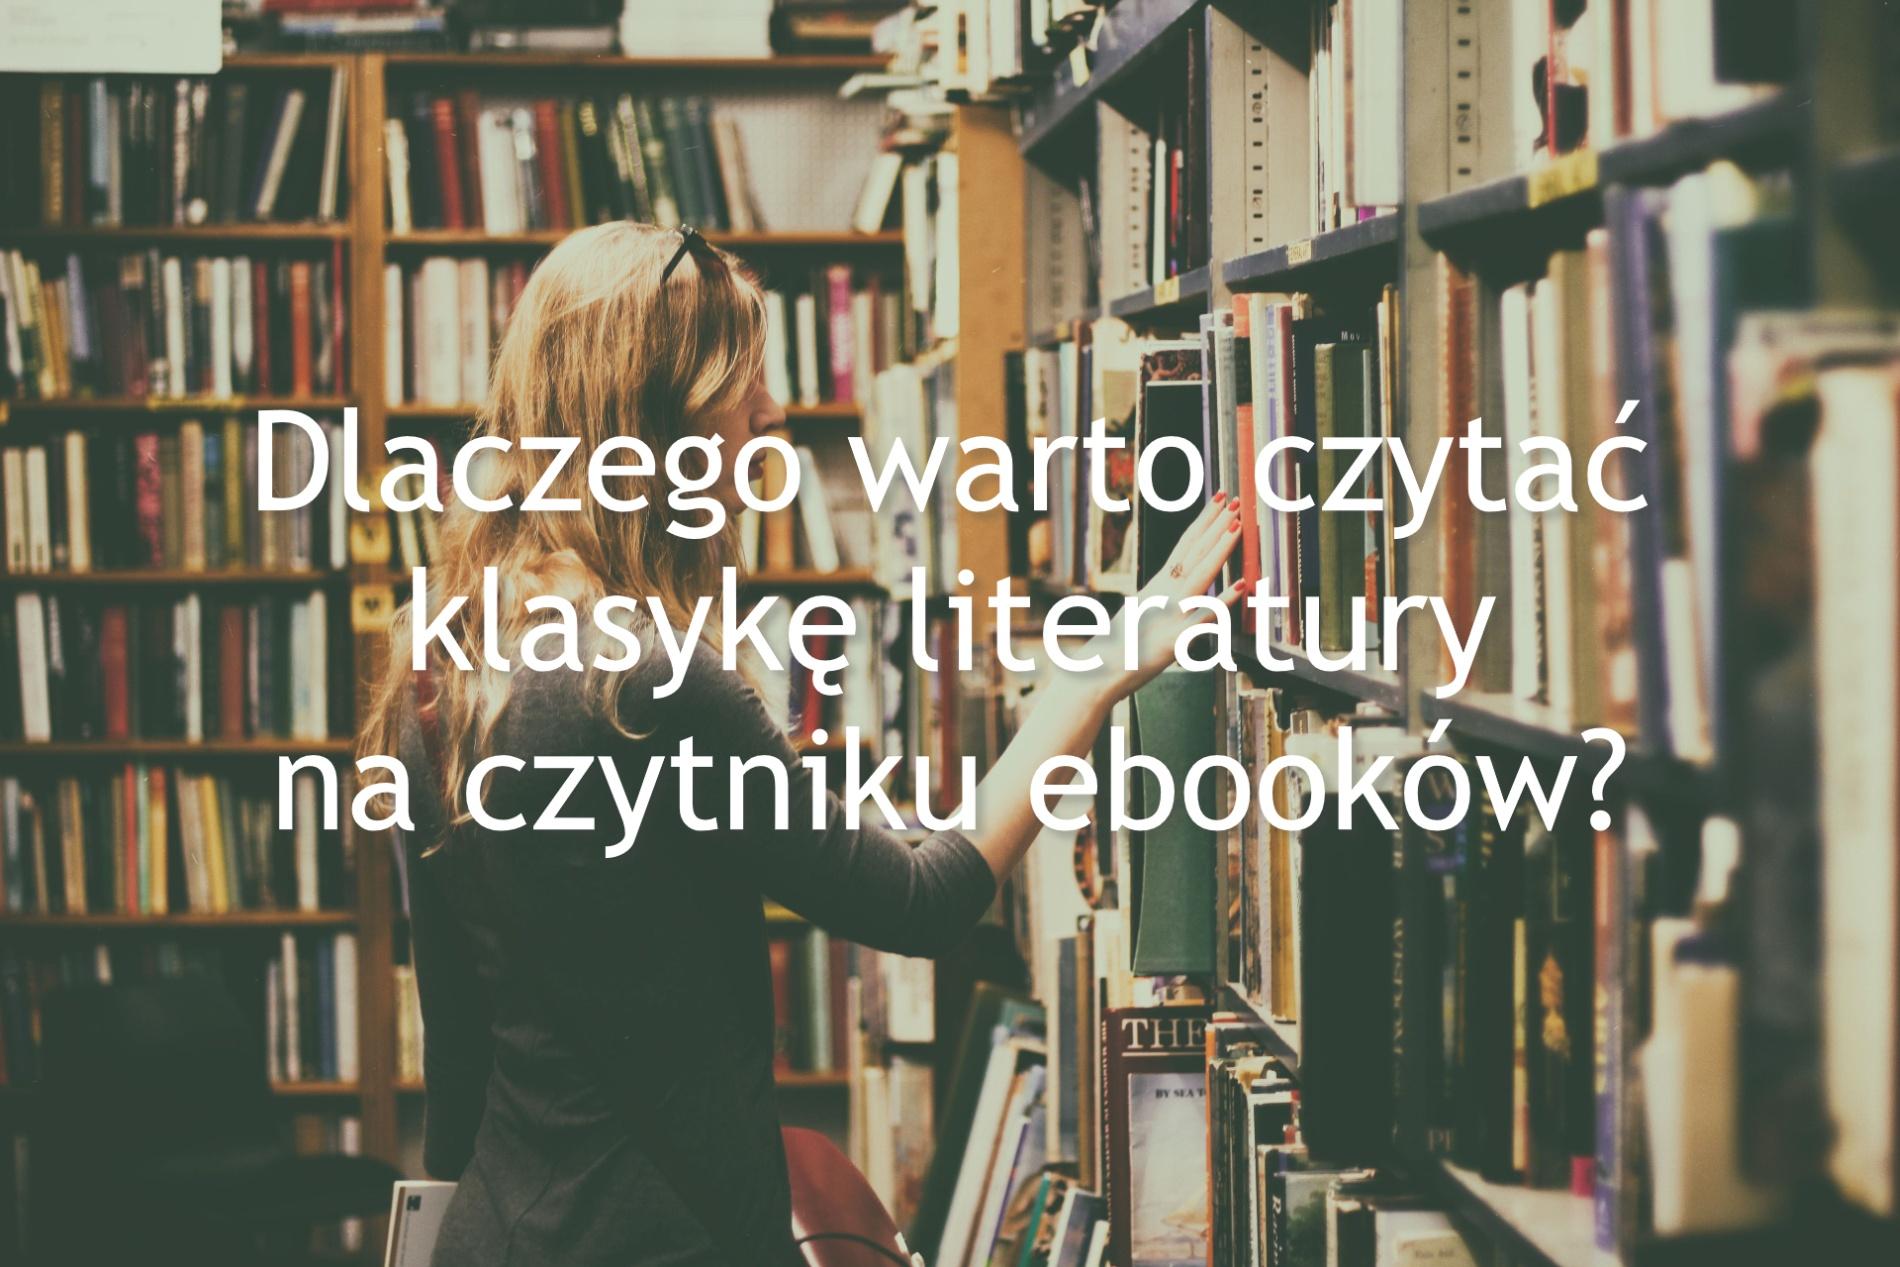 Dlaczego warto czytać klasykę literatury na czytniku ebooków? - www.naczytniku.pl